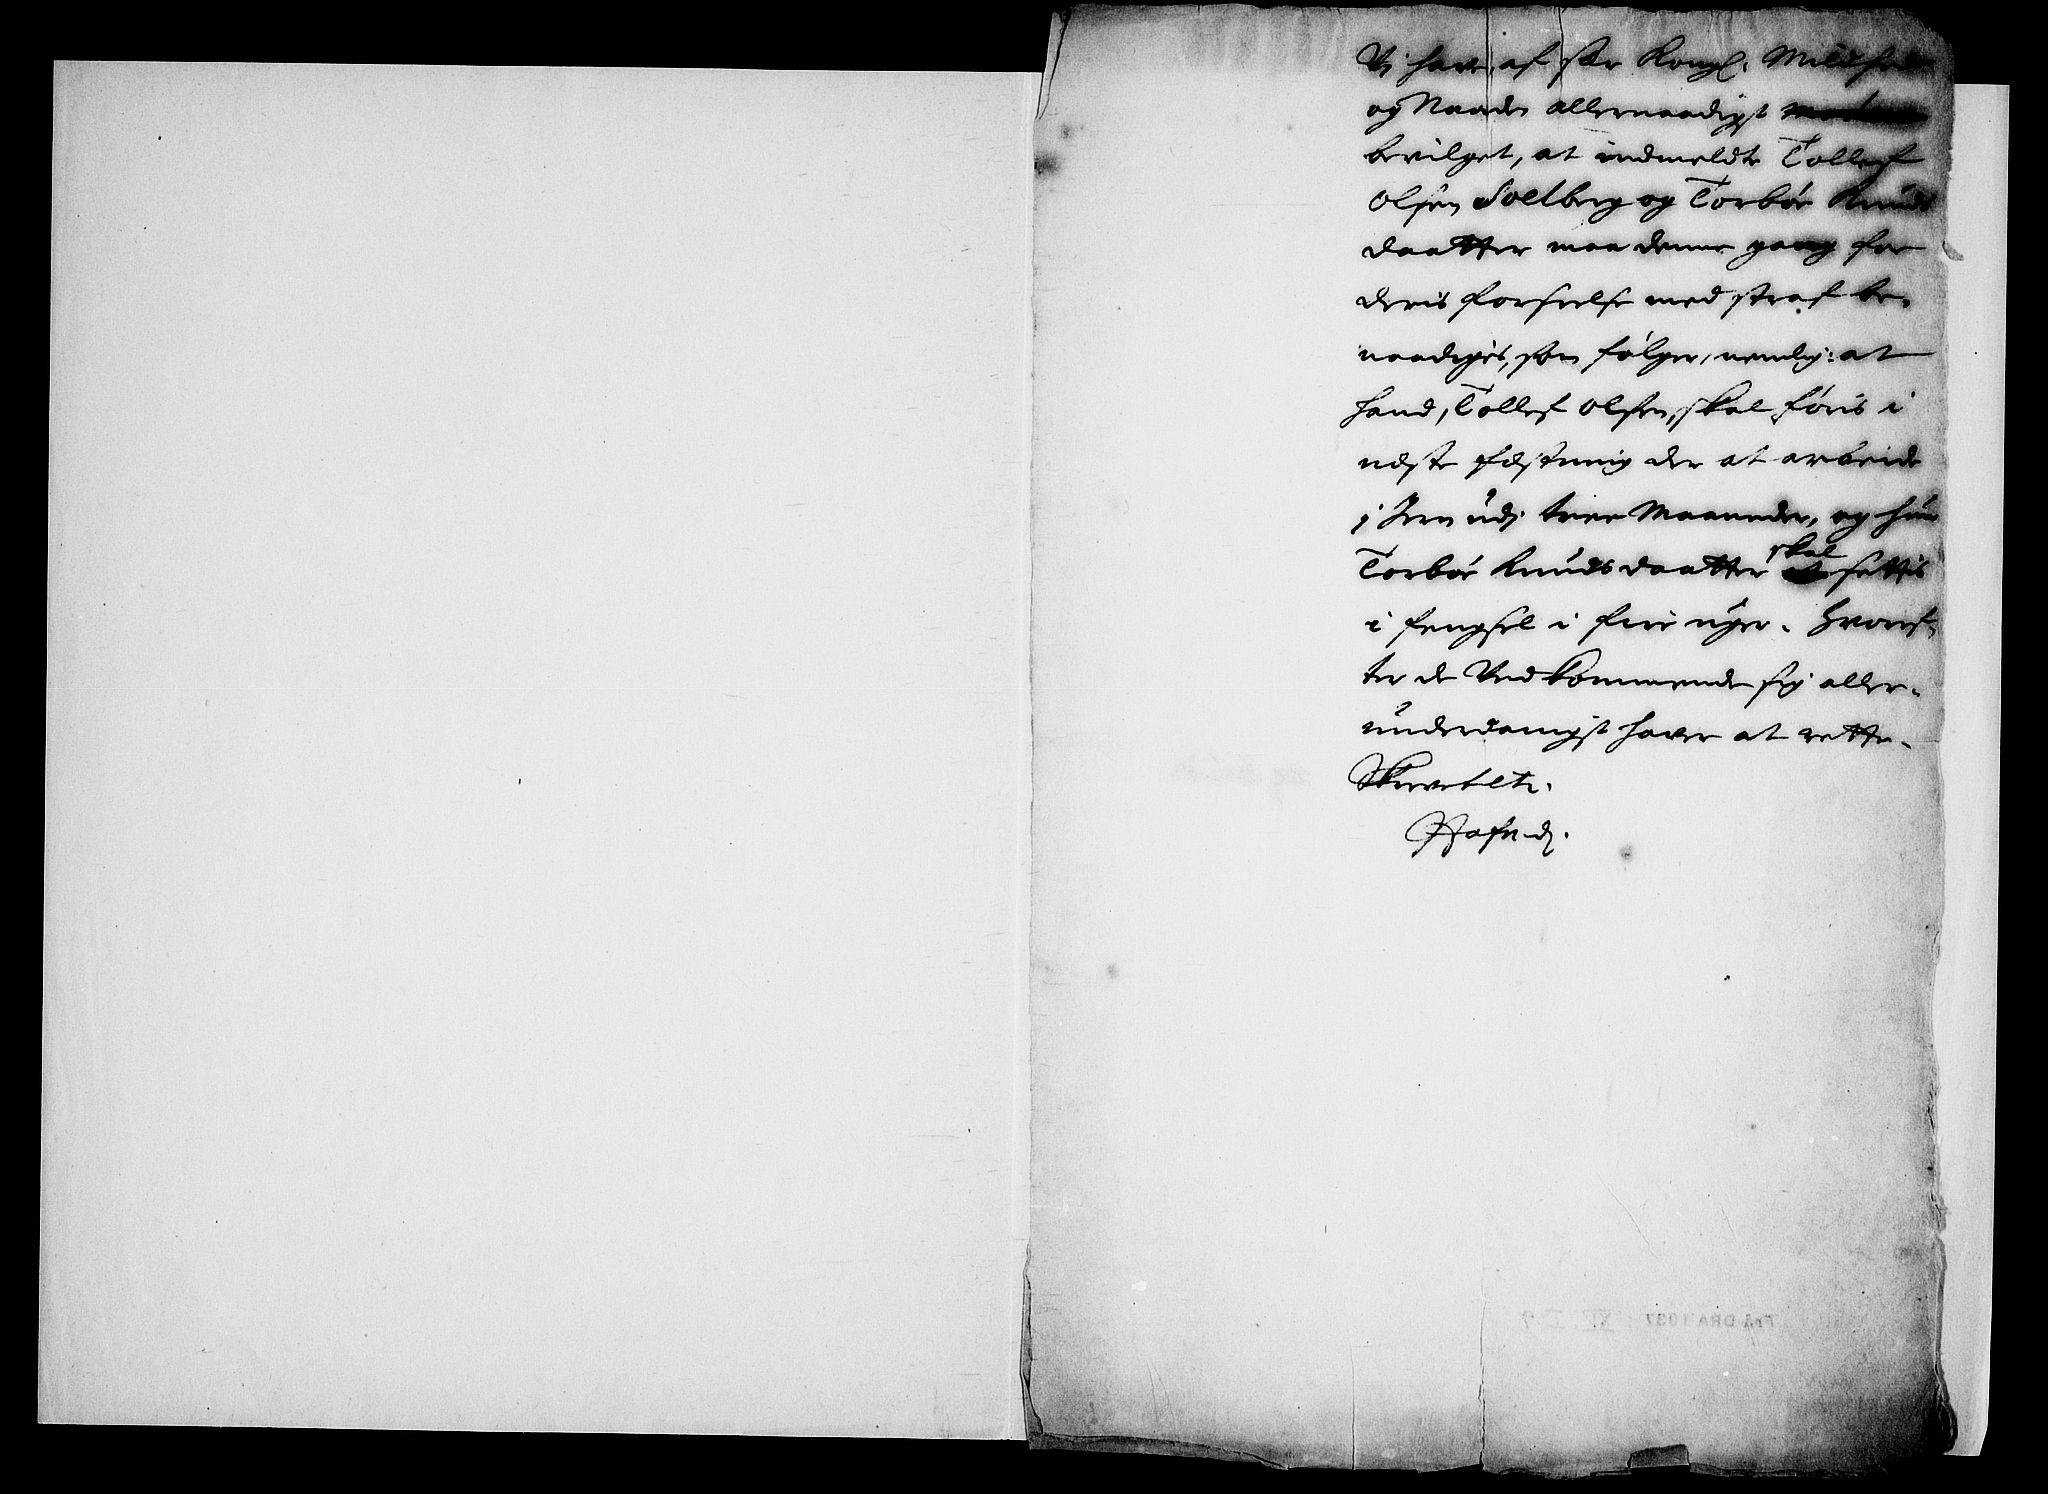 RA, Danske Kanselli, Skapsaker, G/L0019: Tillegg til skapsakene, 1616-1753, s. 305